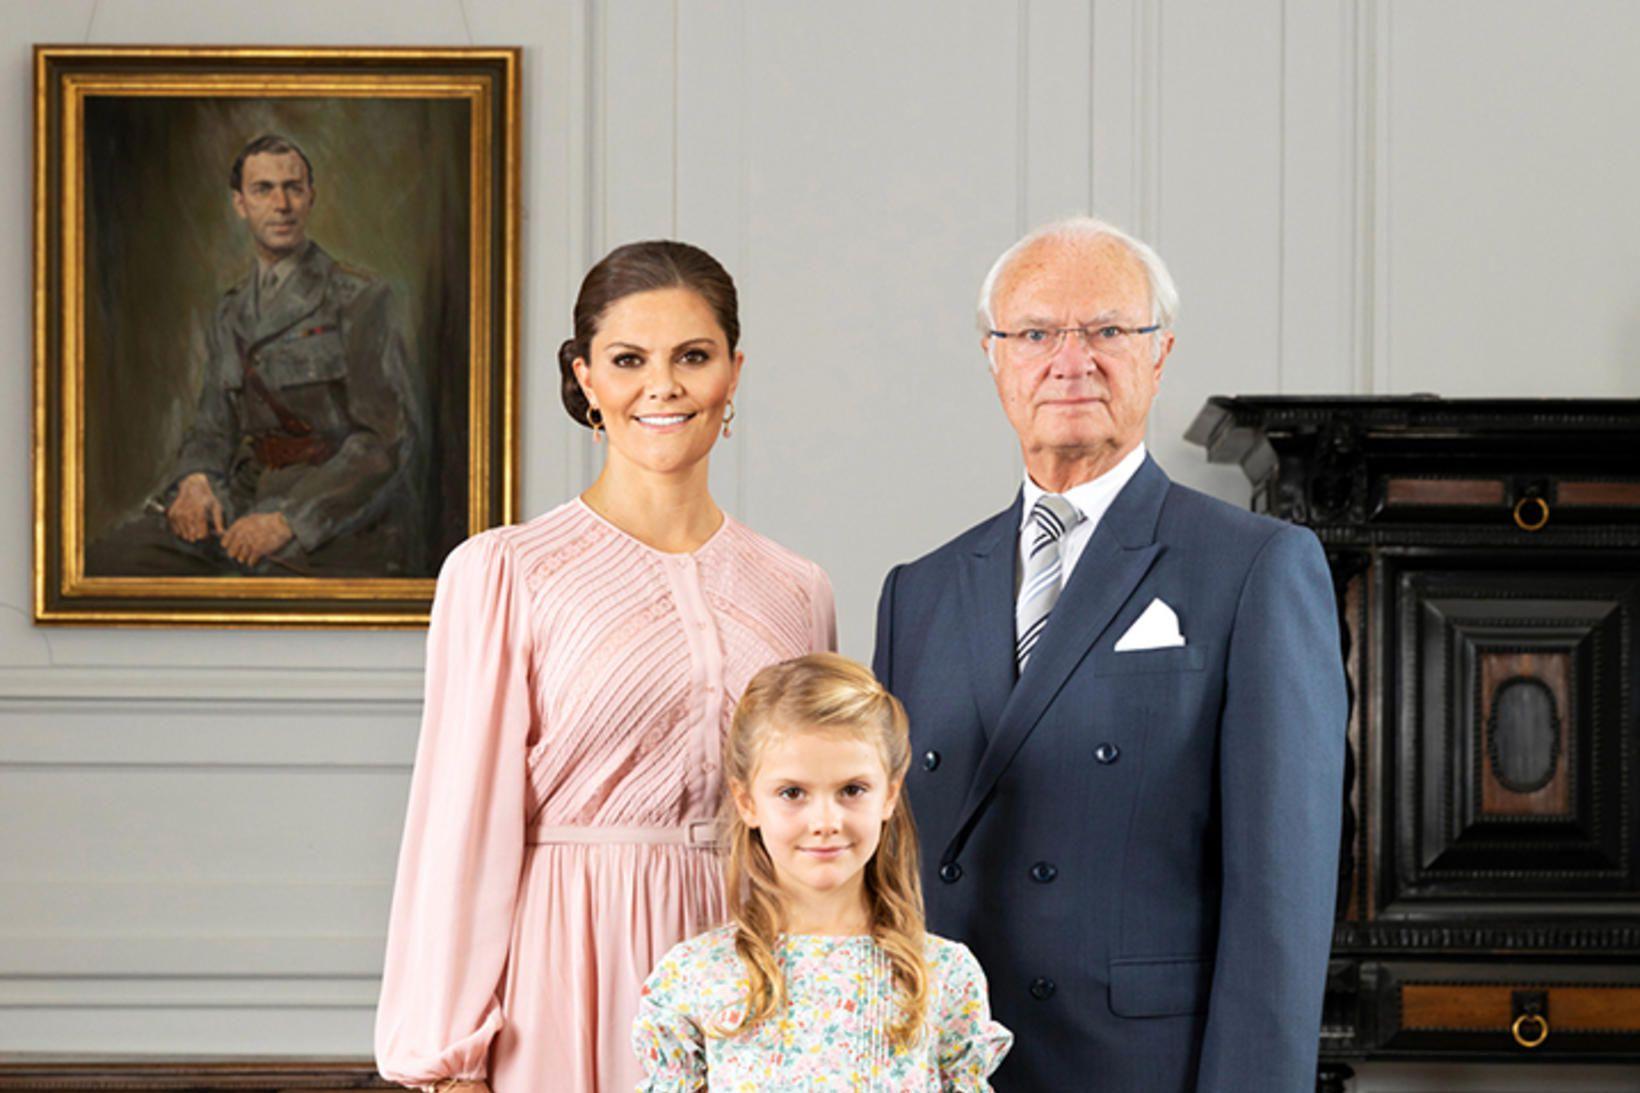 Estelle Svíaprinsessa var með móður sinni, Viktoríu krónprinsessu, og fjölskyldu …